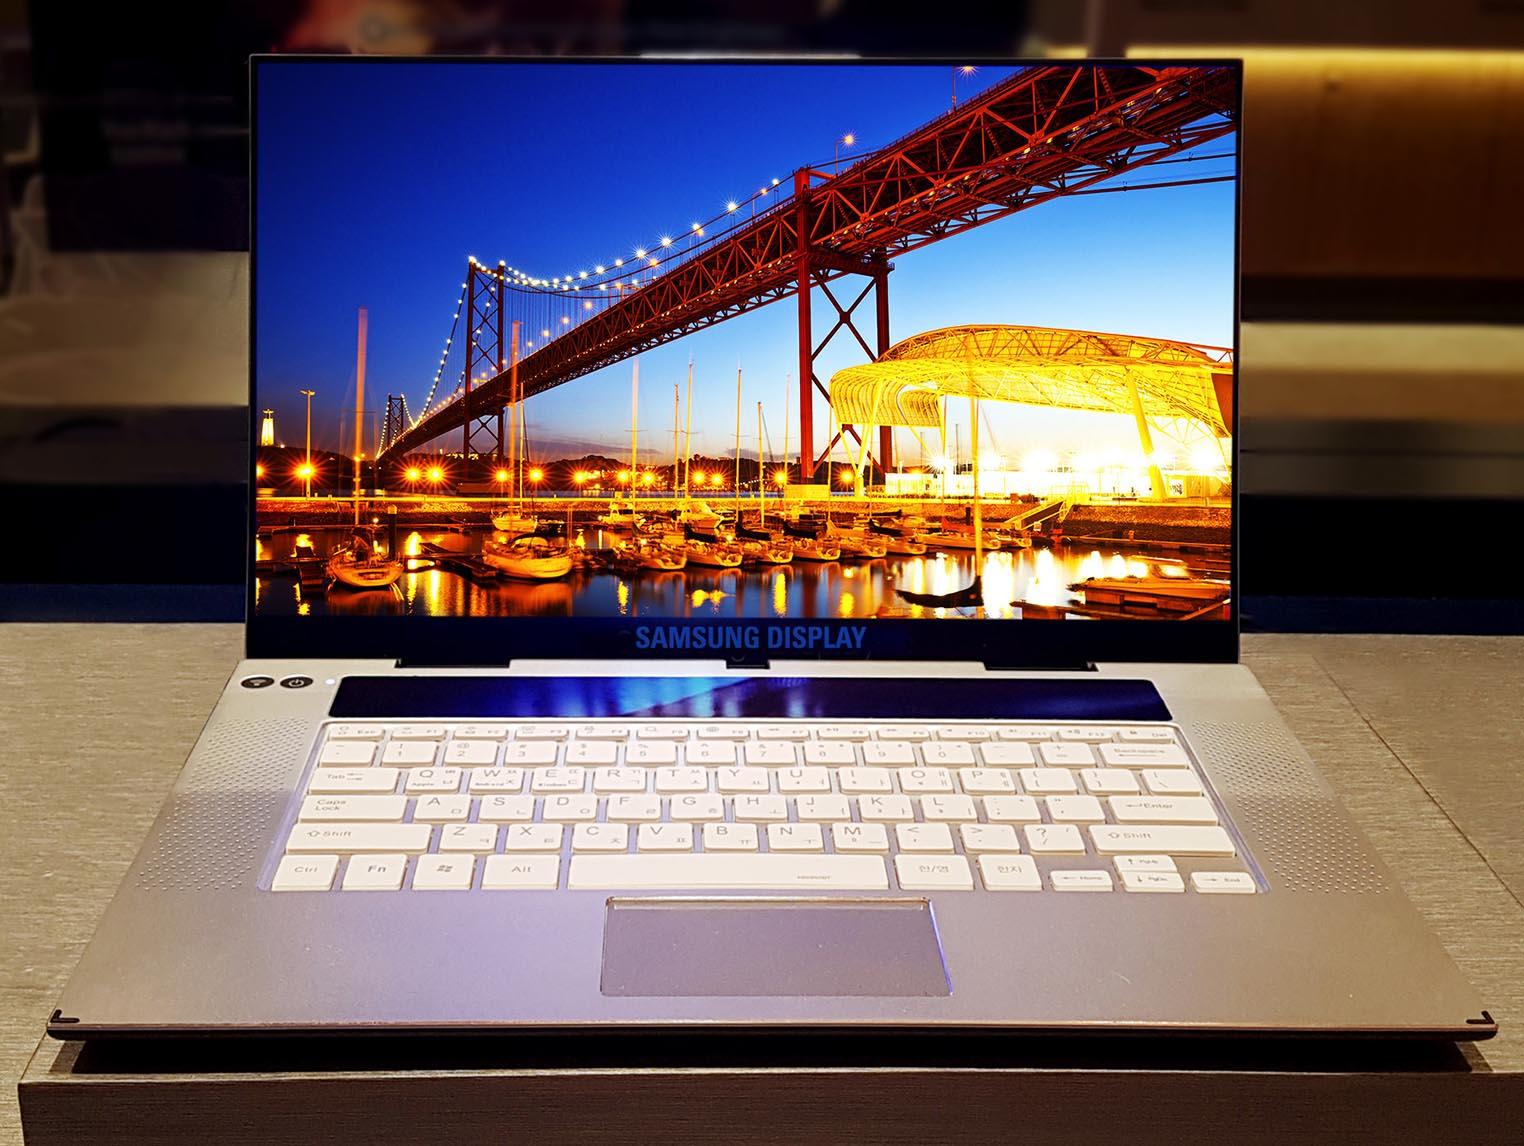 Samsung écran OLED 15,6 pouces